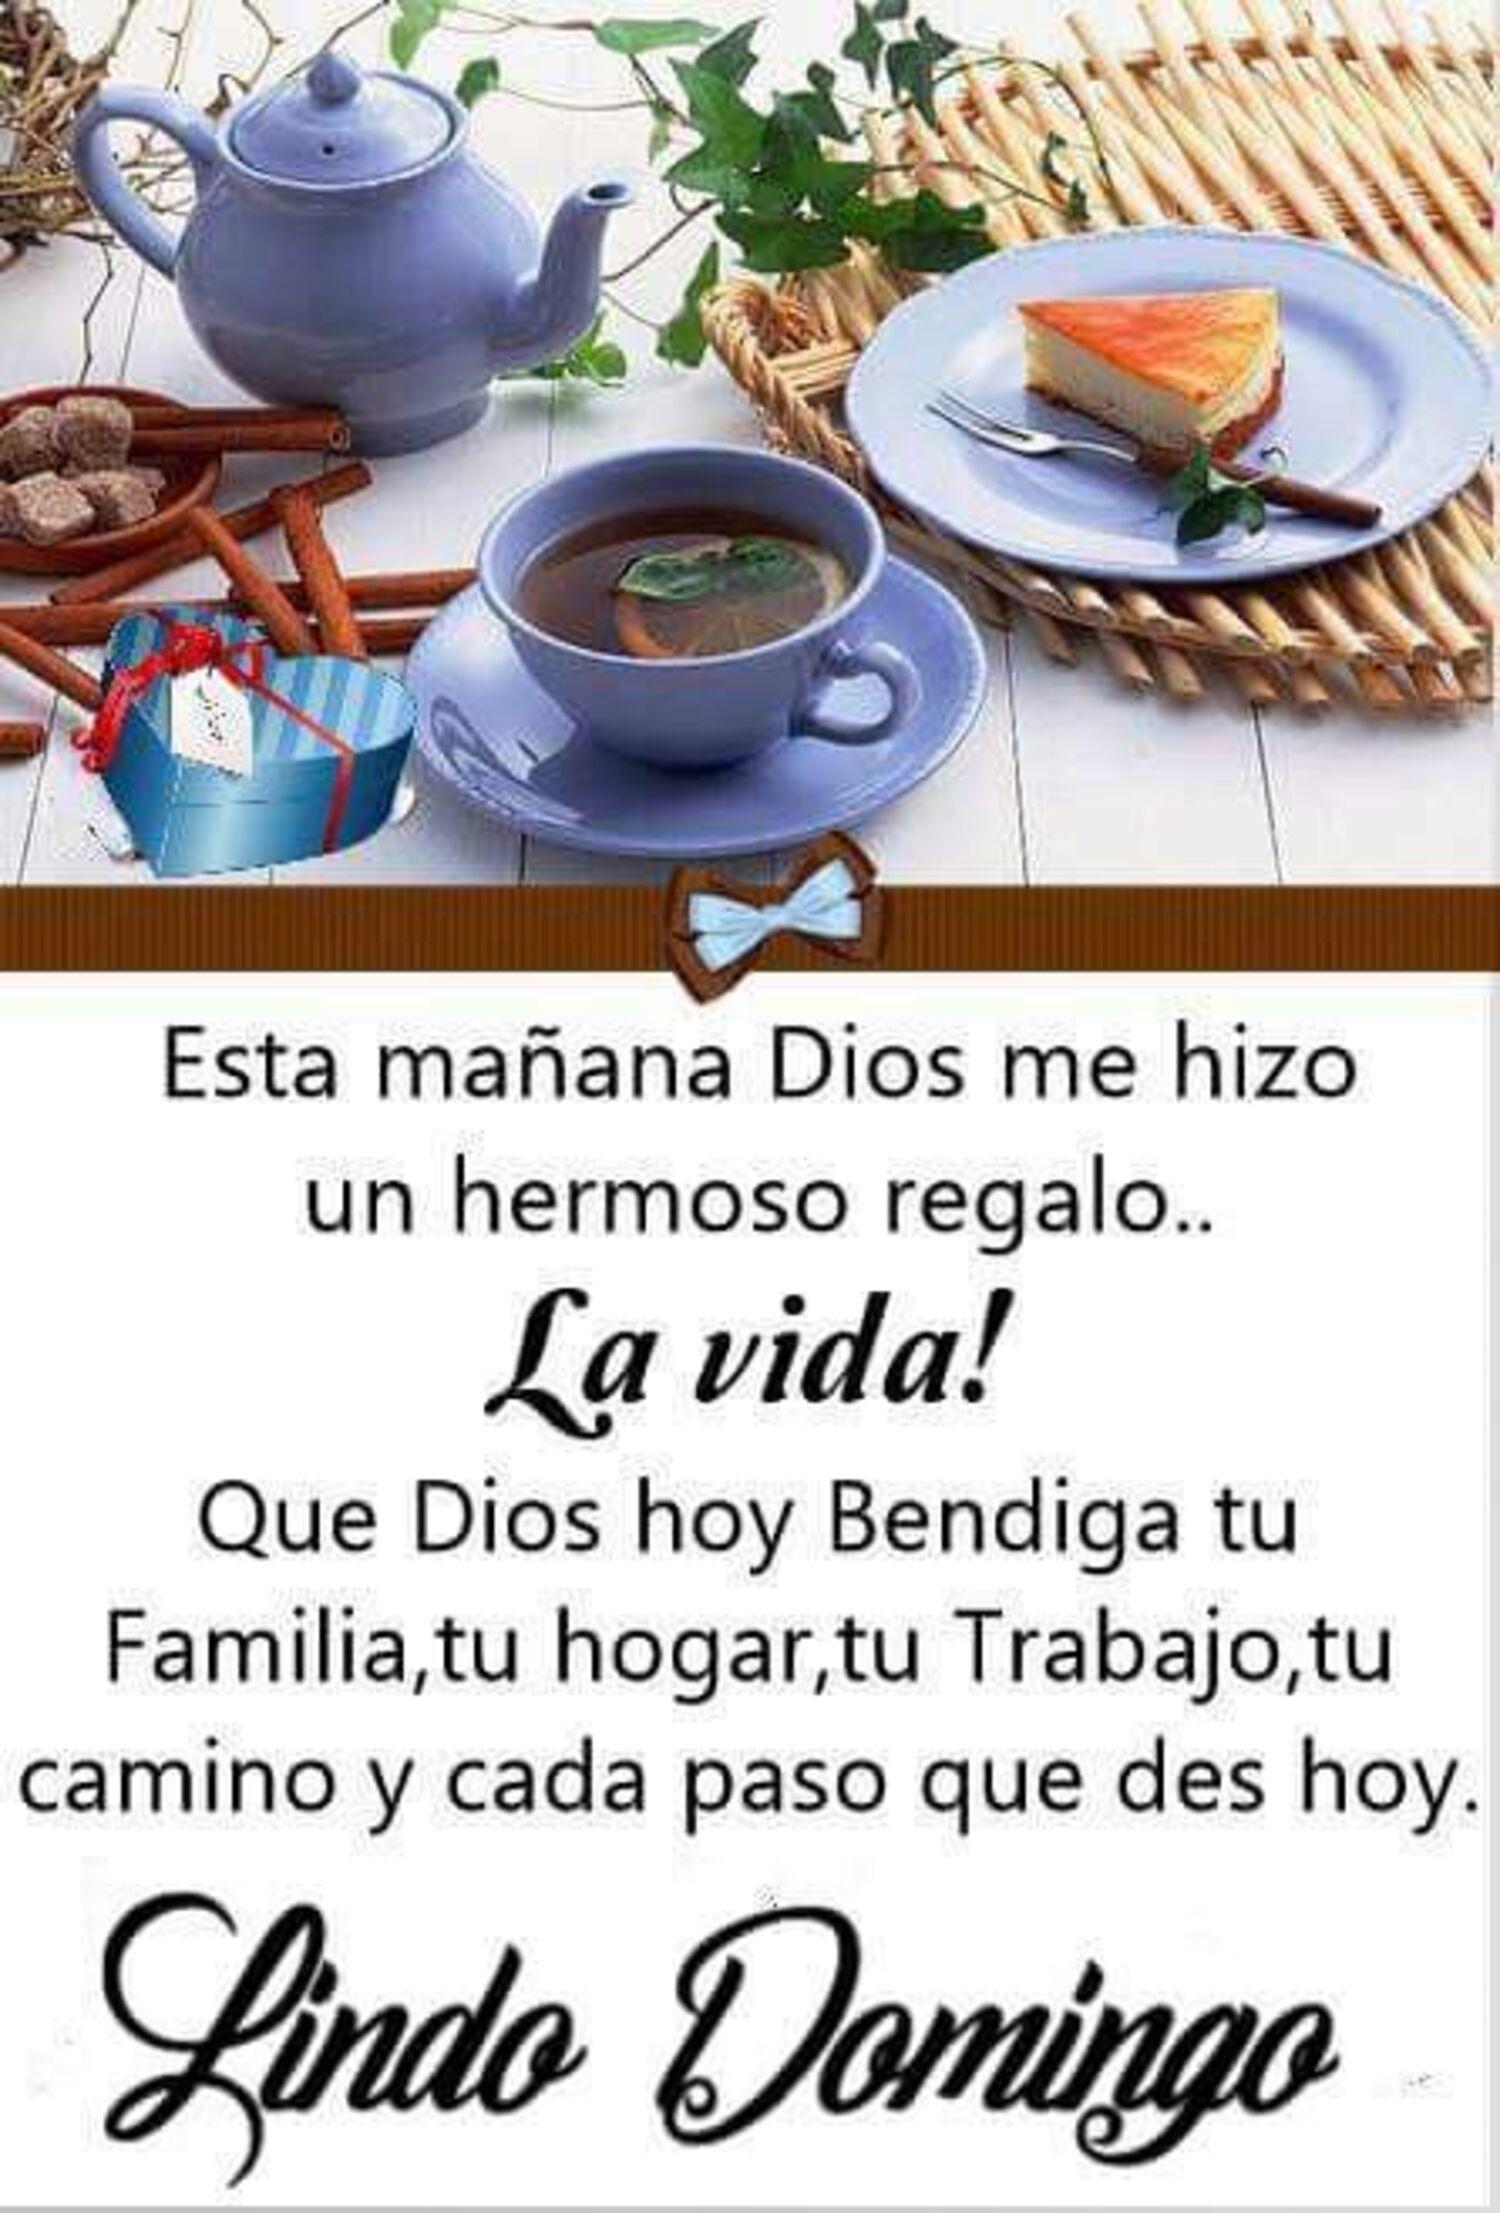 Esta mañana Dios me hizo un hermoso regalo.. la vida! Que Dios hoy bendiga tu familia, tu hogar, tu trabajo, tu camino y cada paso que des hoy. Lindo Domingo